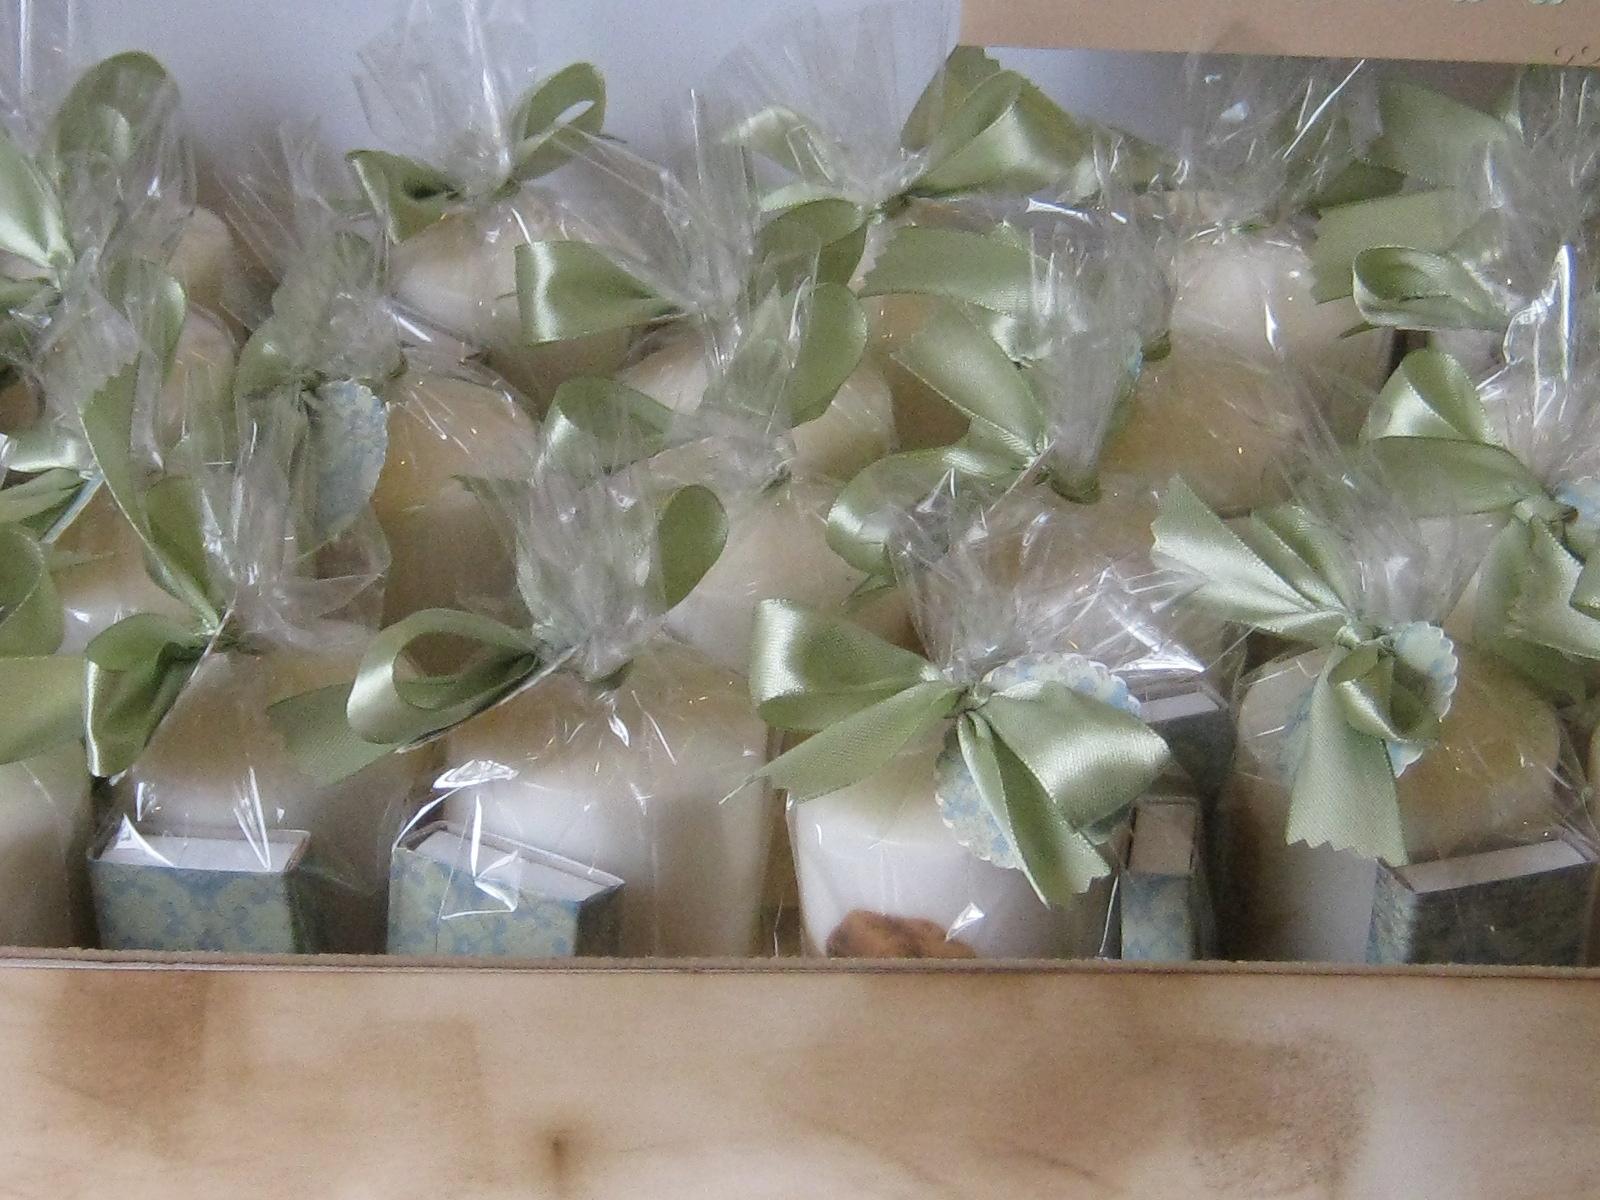 Chocolate y burbujas velas ngeles y bautizo - Velas decoradas para bautizo ...